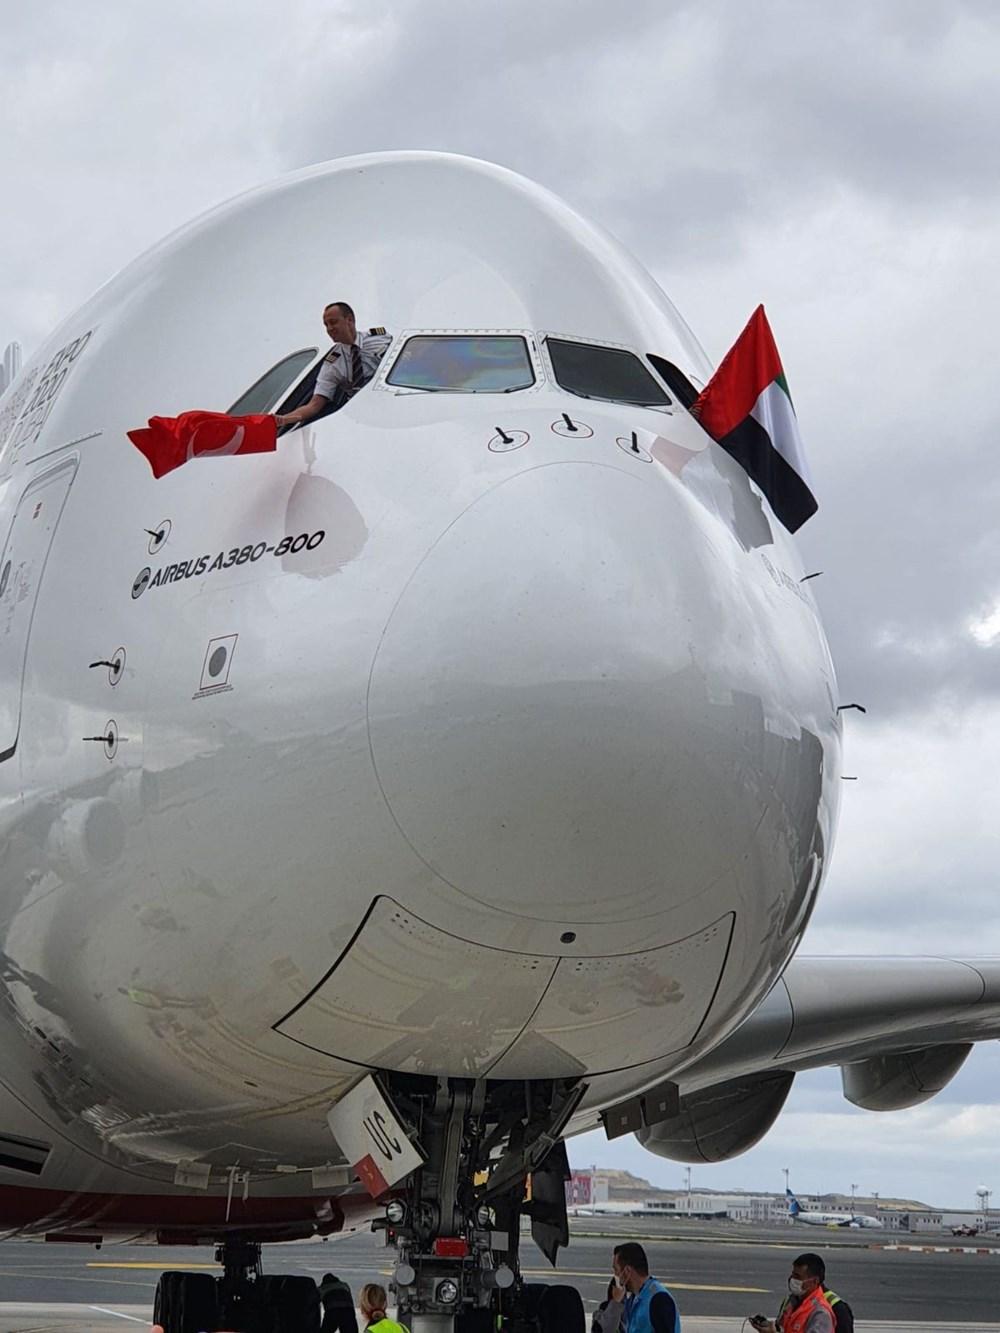 Dünyanın en büyük uçağı İstanbul'a ilk yolcularını taşıdı - 8